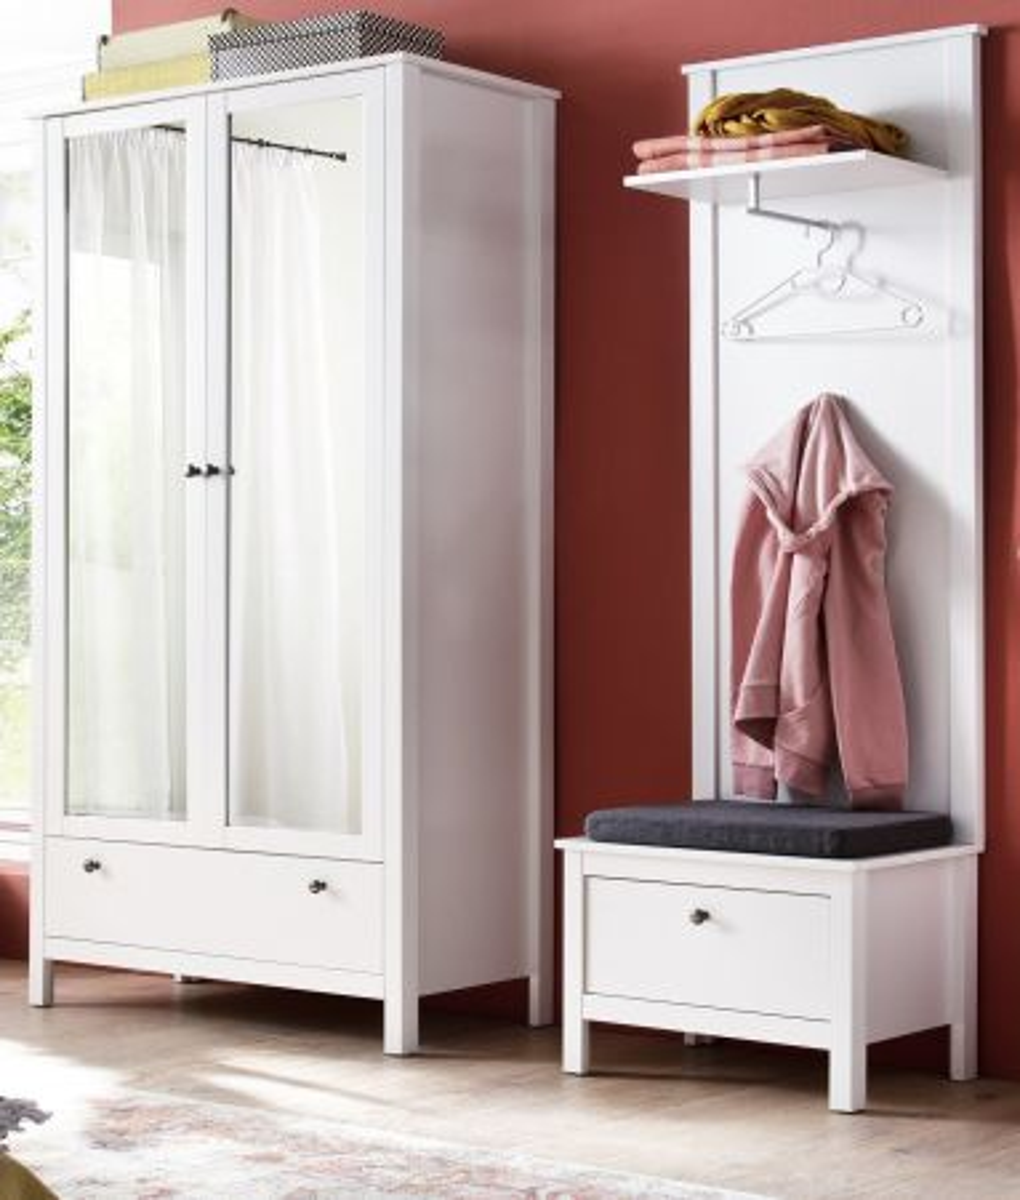 Garderobe Set Ole weiss 3-teilig 160 cm